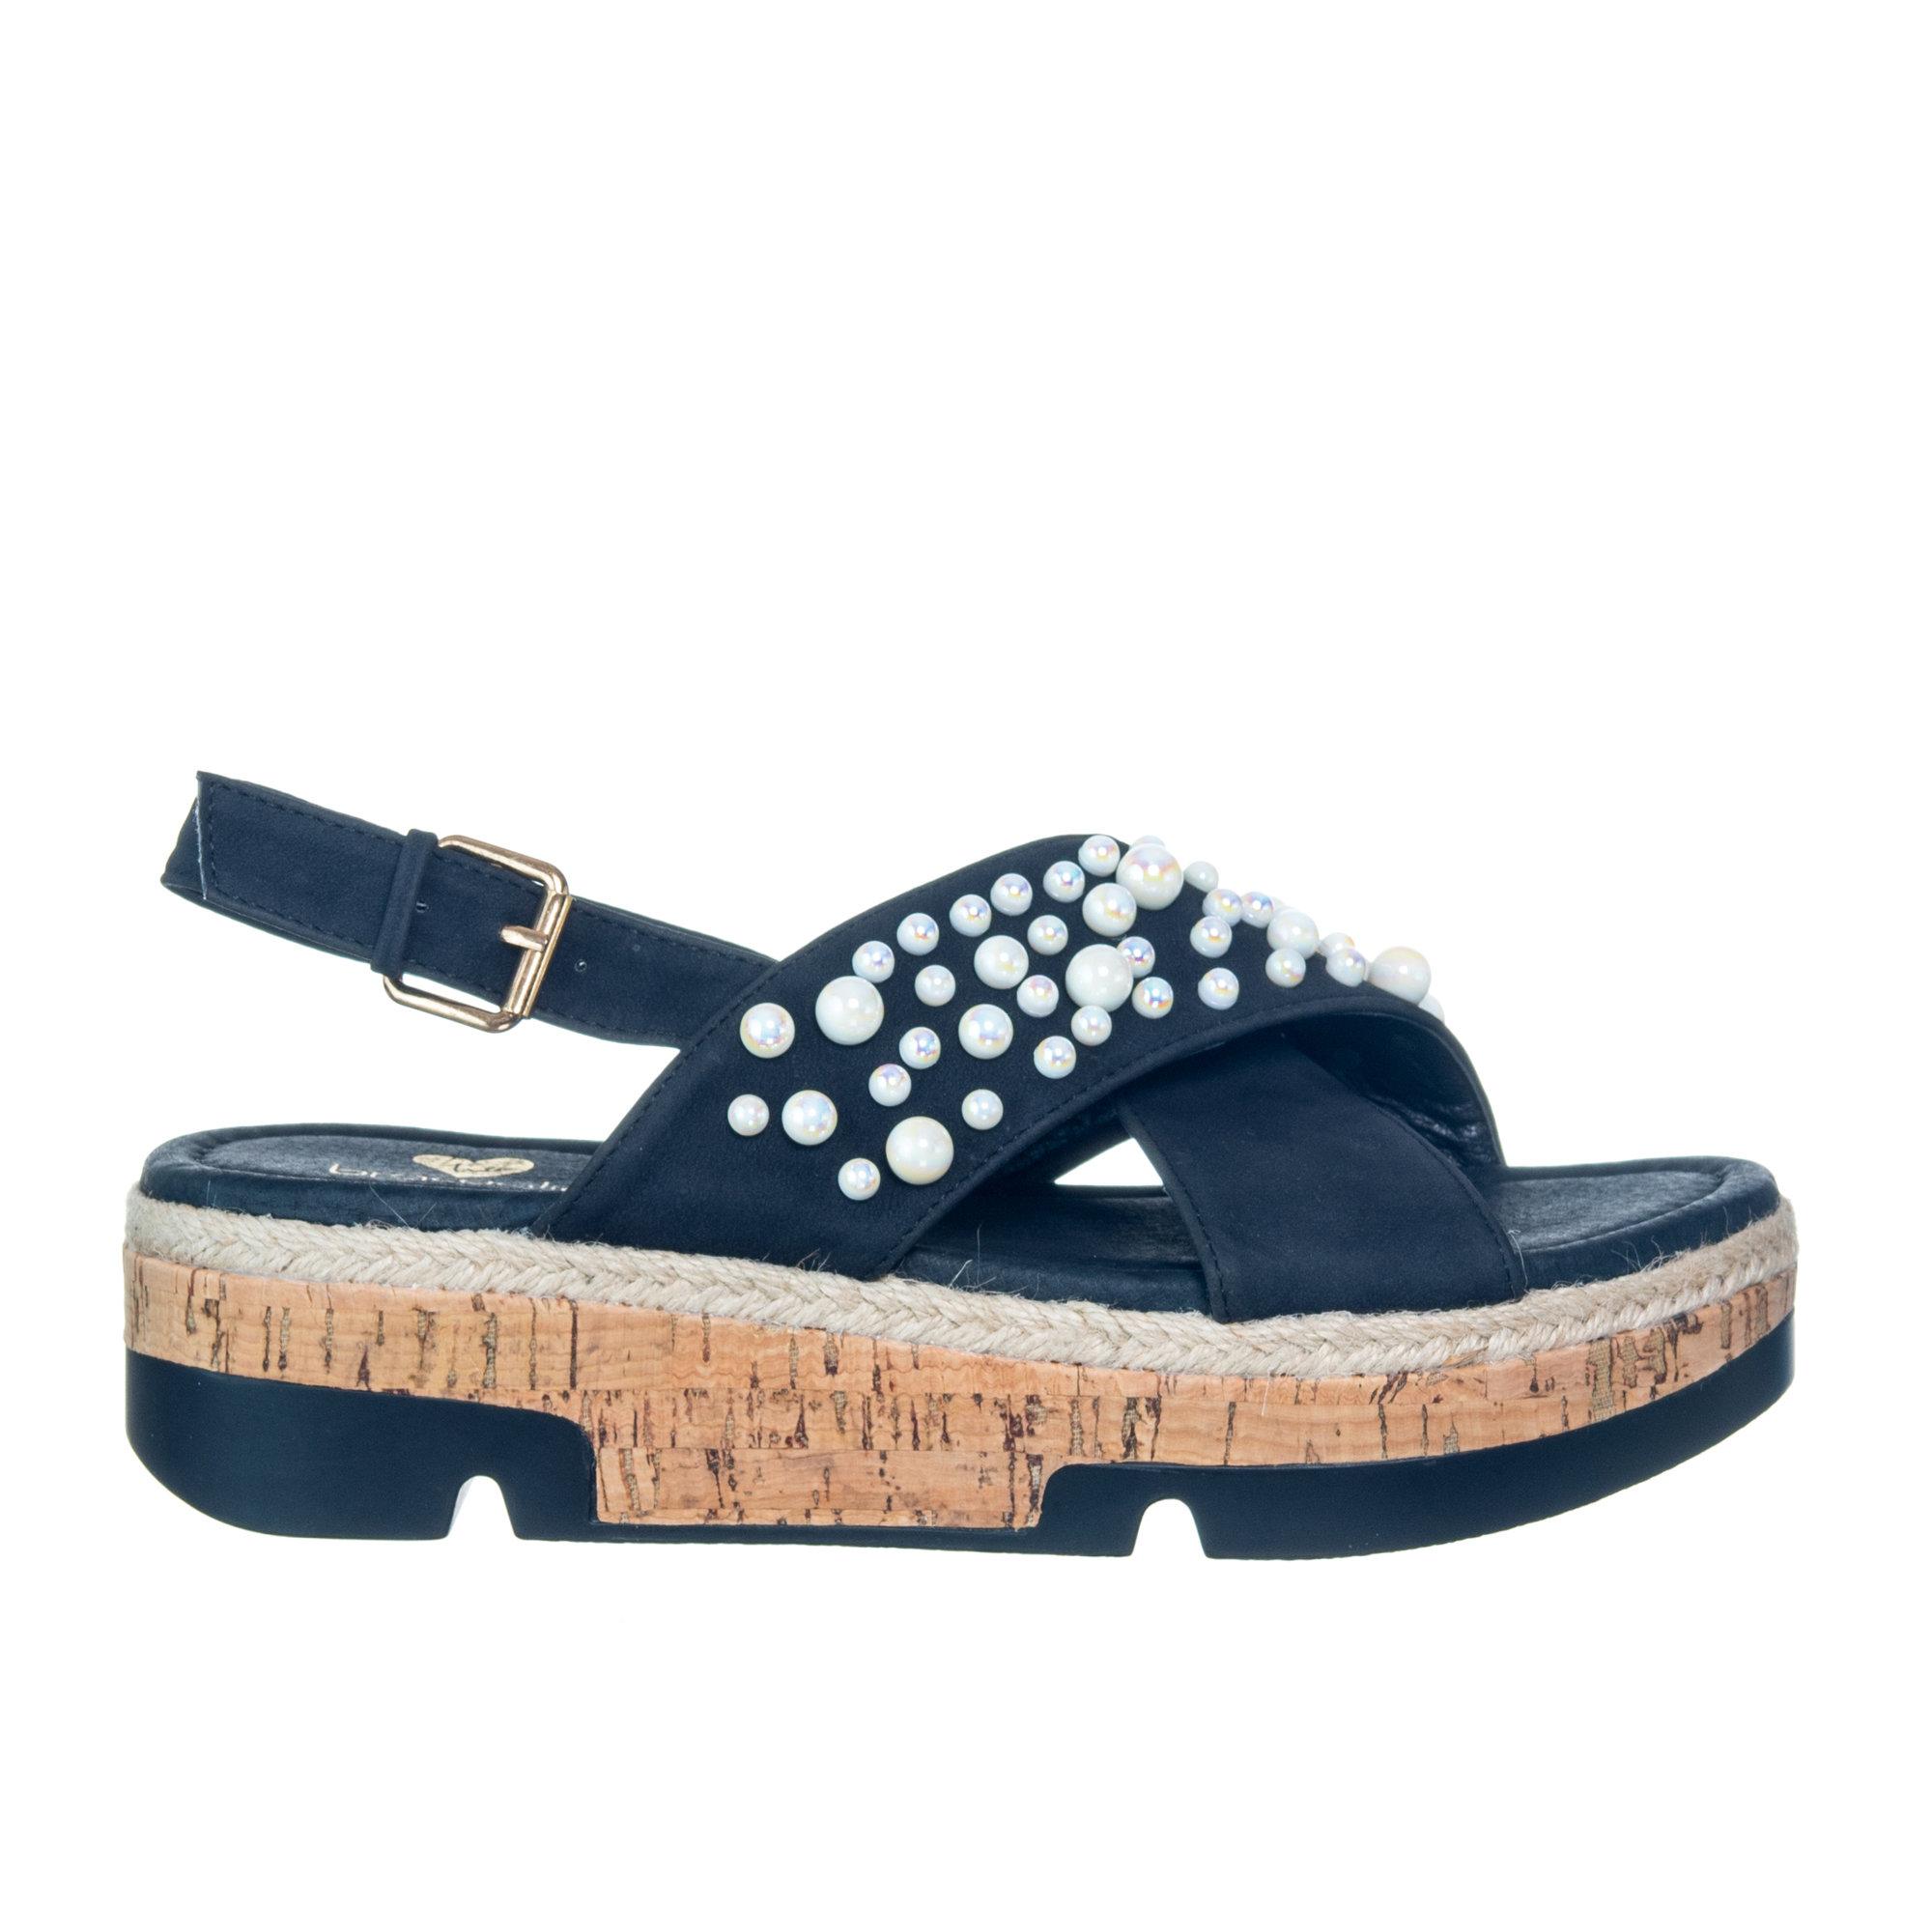 size 40 5eb1d bee6b Sandalo con decorazioni, nero - Braccialini Scarpe - Acquista su Ventis.